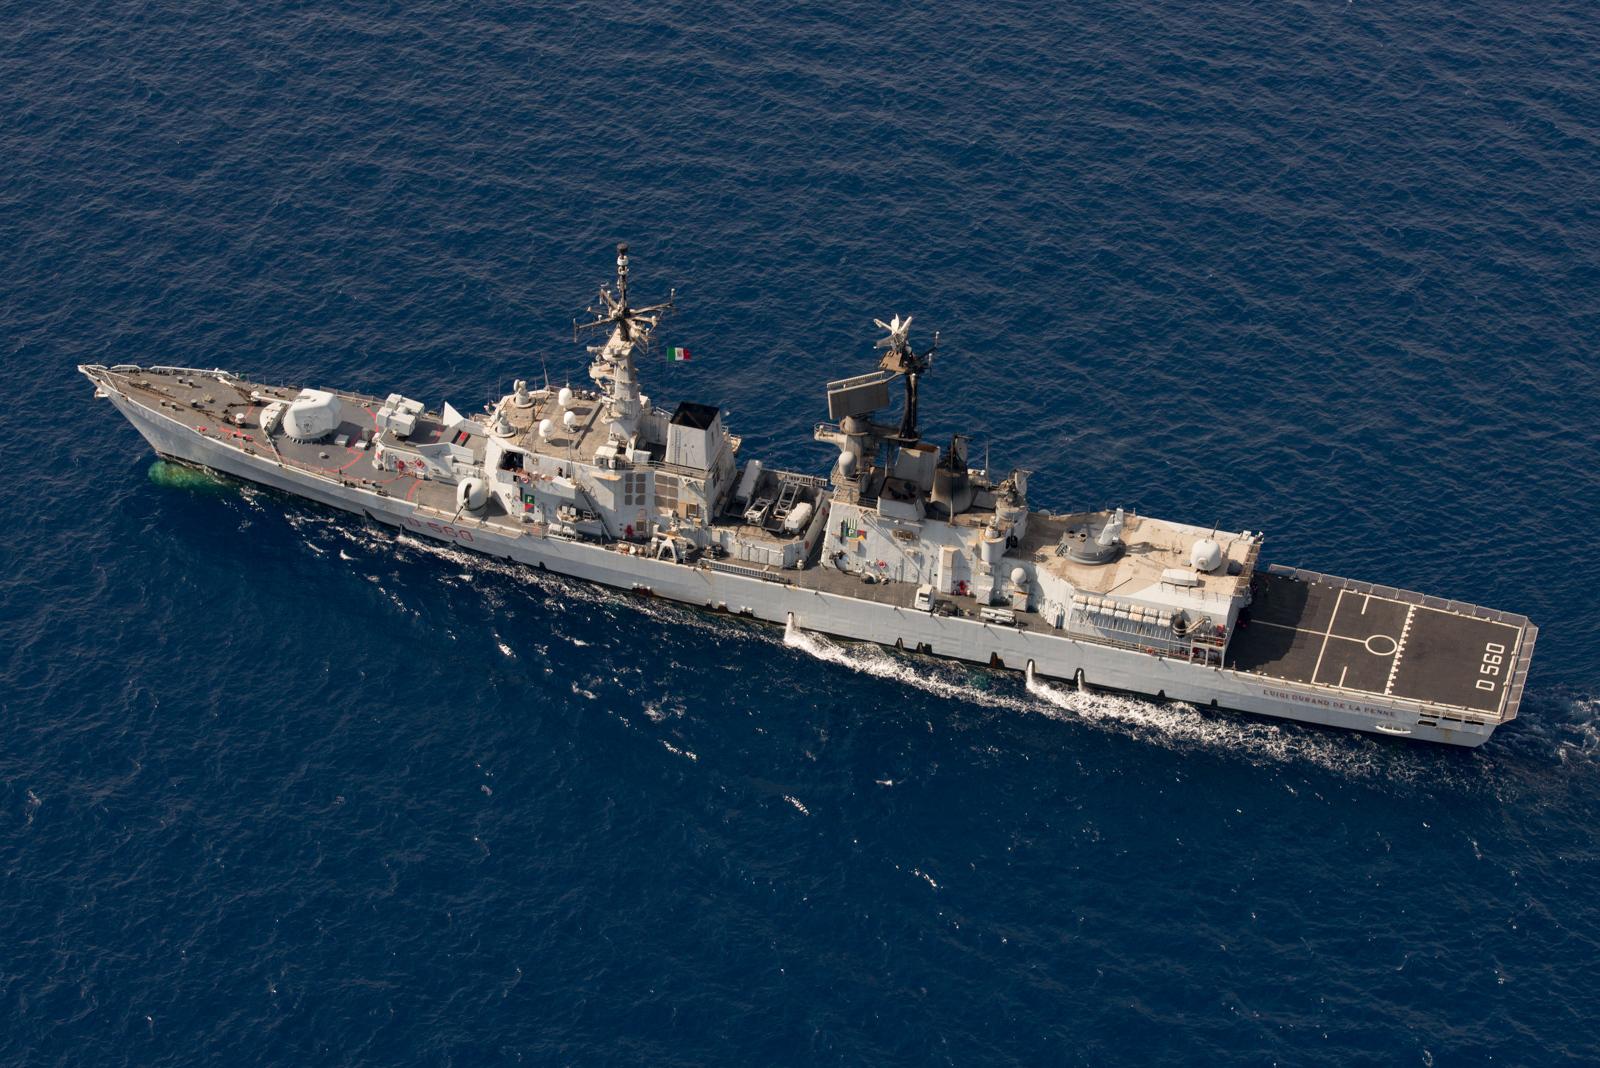 La nave della Marina Durand De la Penne in sosta ad Augusta